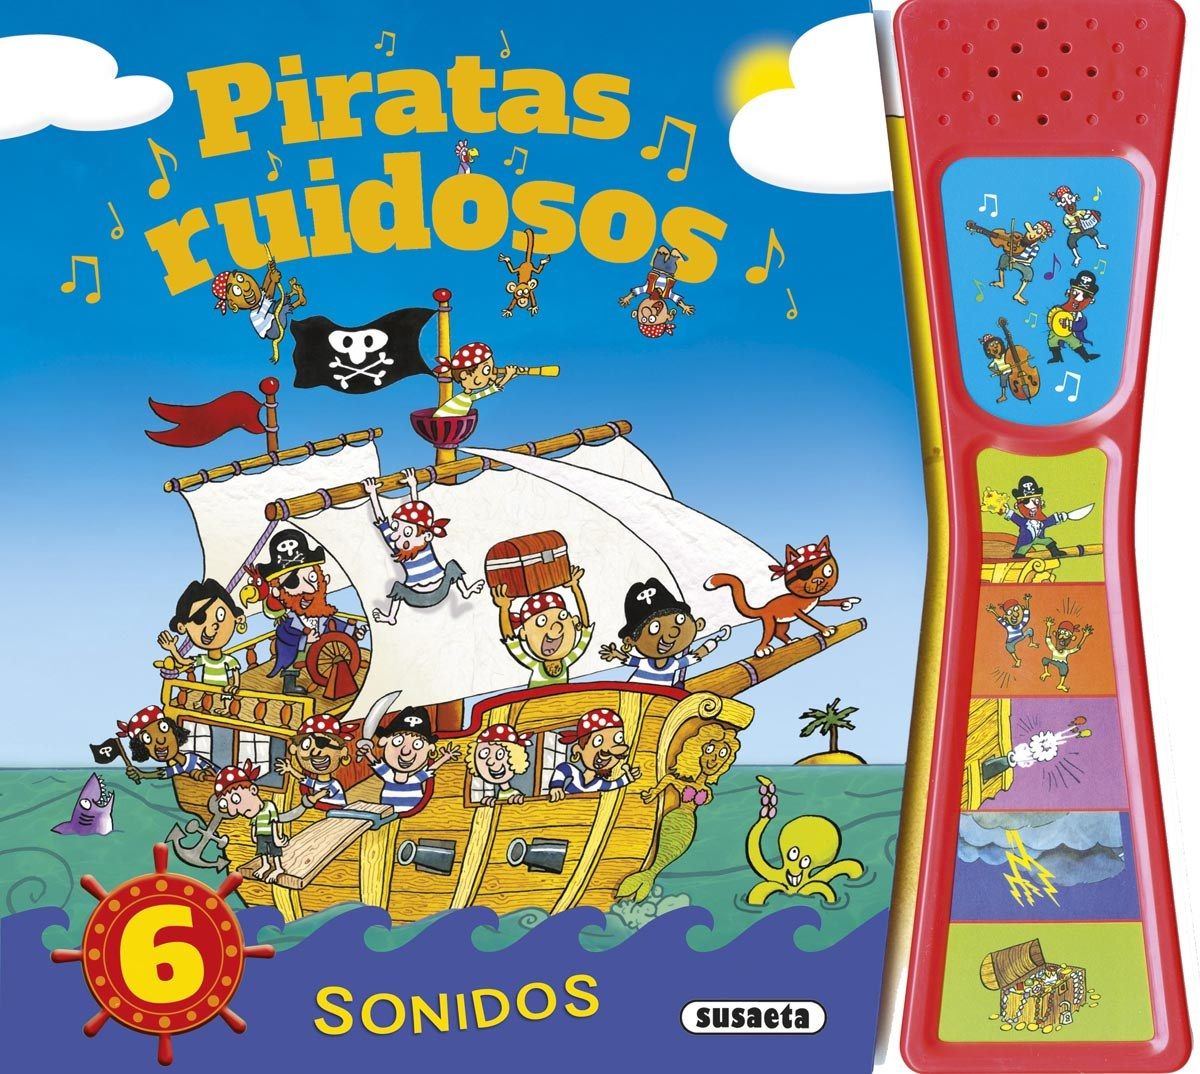 Piratas ruidosos 9788467744088